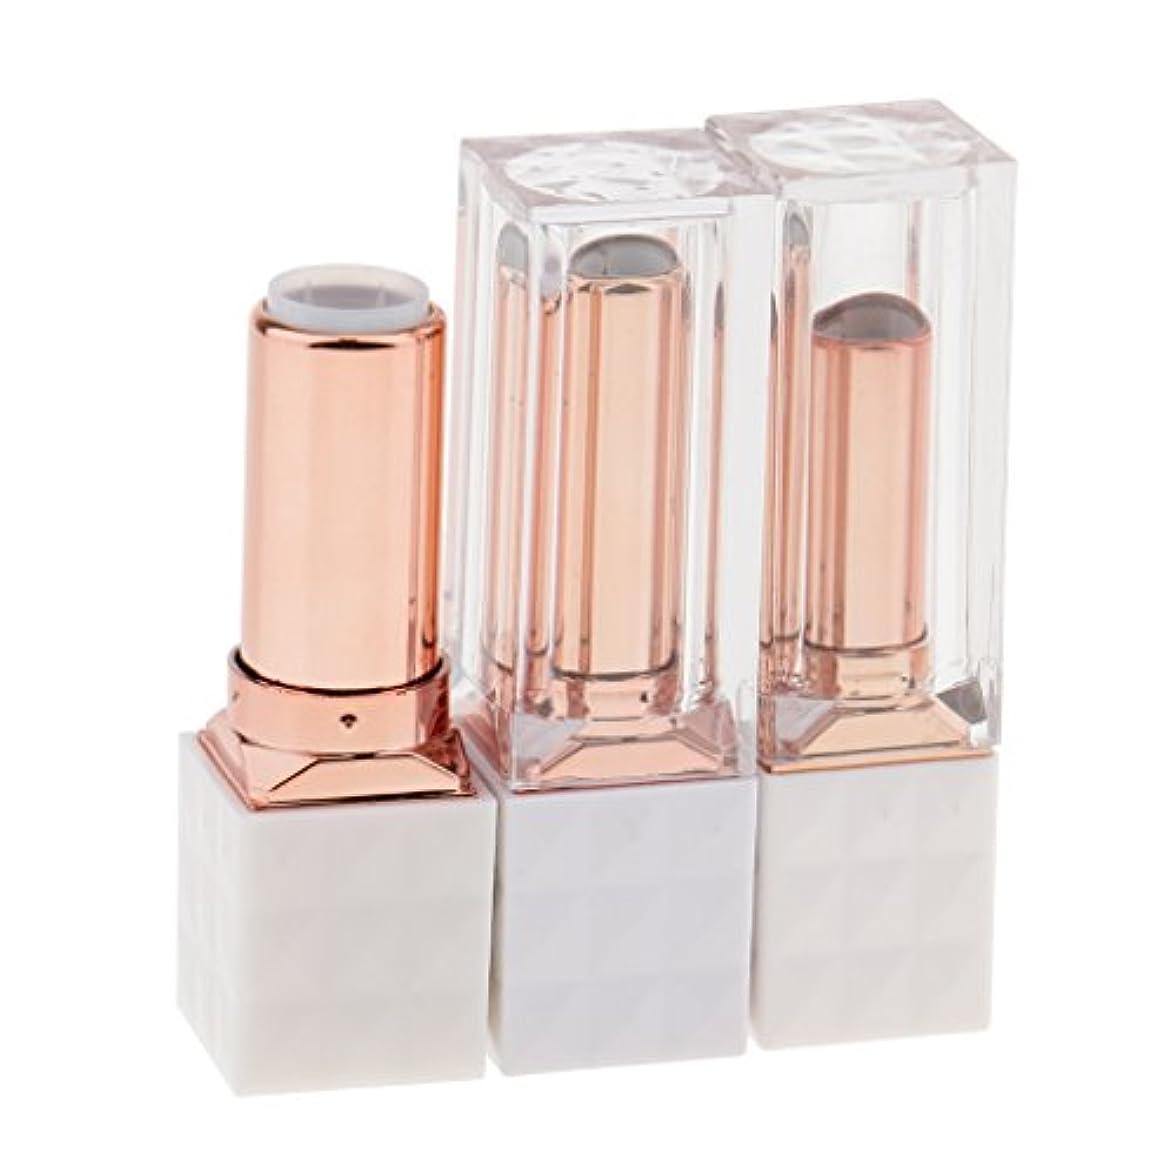 水分感情安定した3個 空チューブ リップバーム リップスティック コンディー 化粧品 コスメ 口紅 DIY 手作り プレゼント